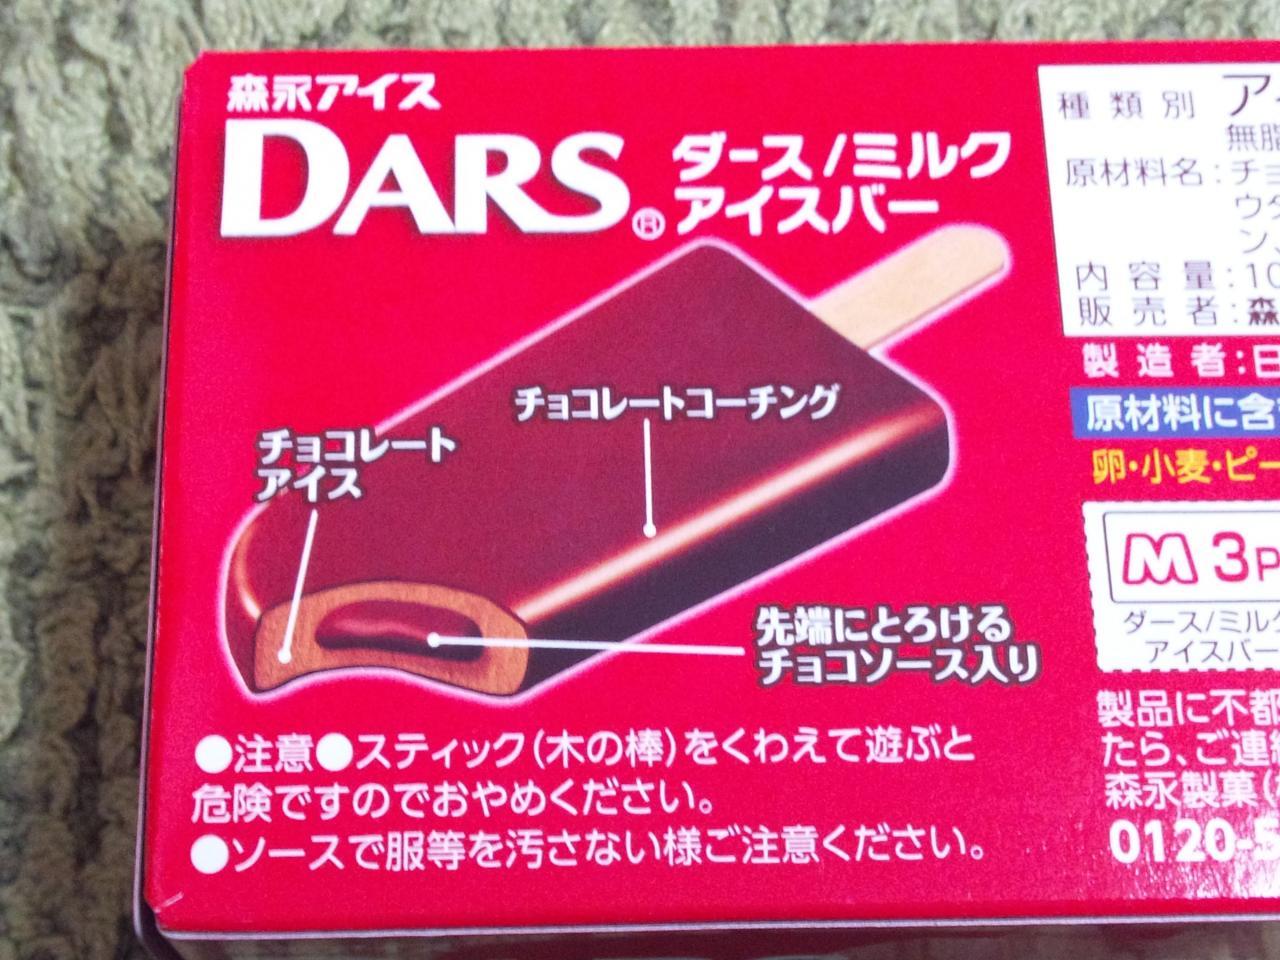 DARSのアイスクリーム(ミルク)